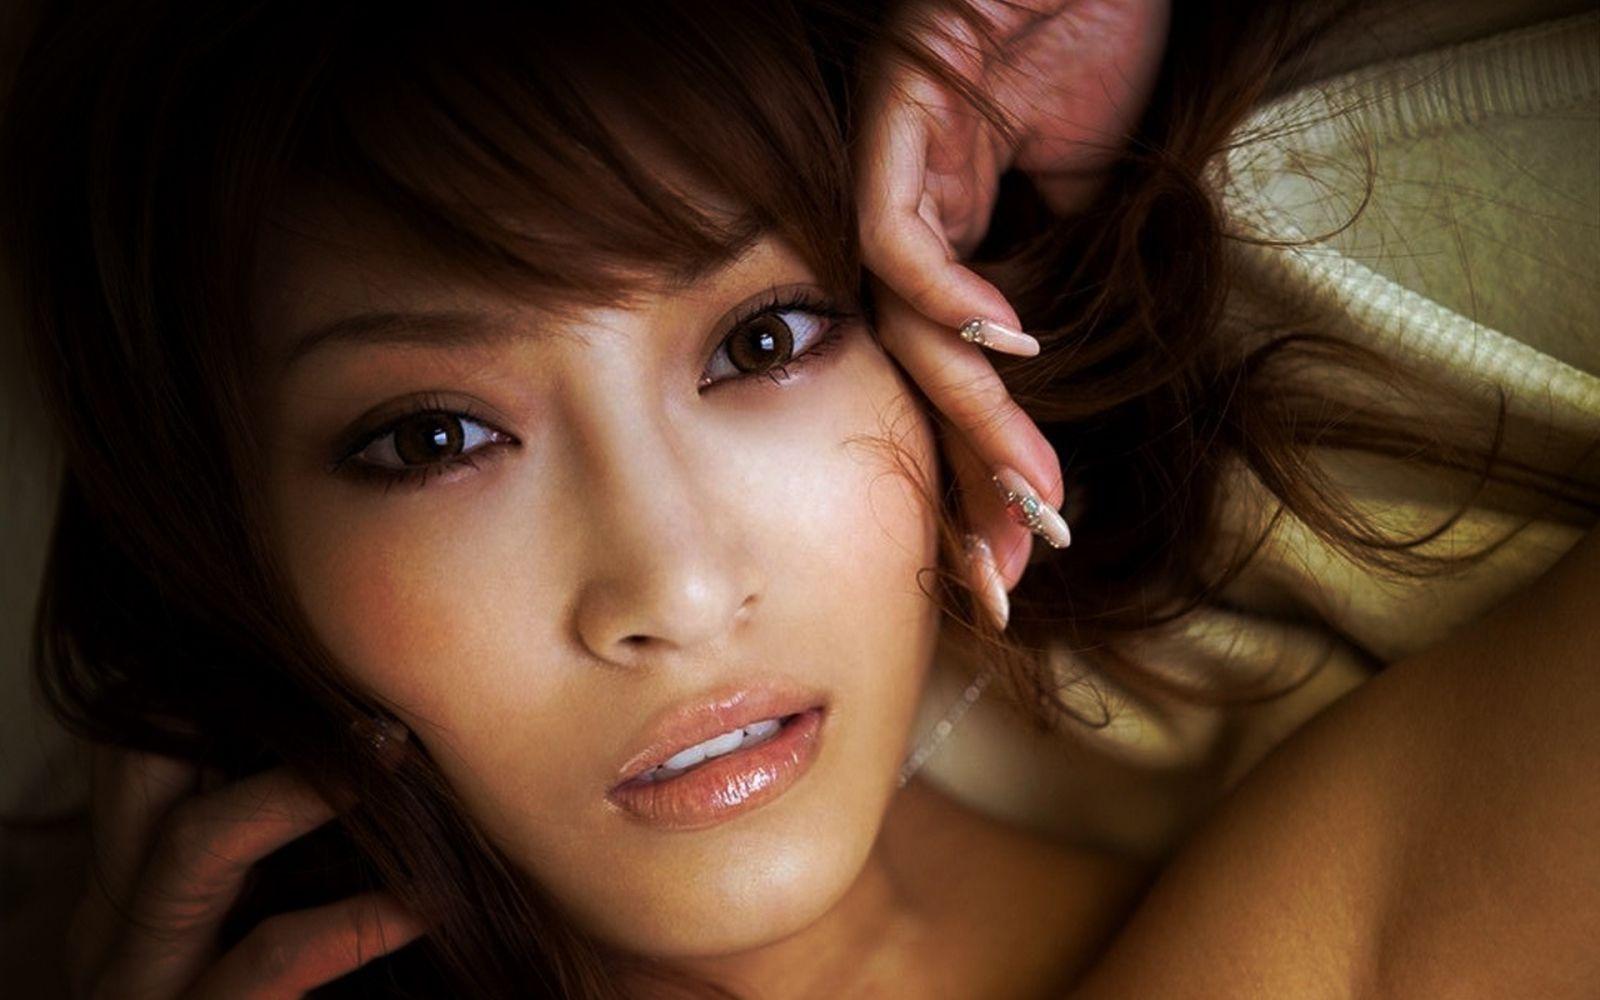 Самые красивые азиатские шлюхи фото, порно зрелые дырки взрослых дам ебле смотреть